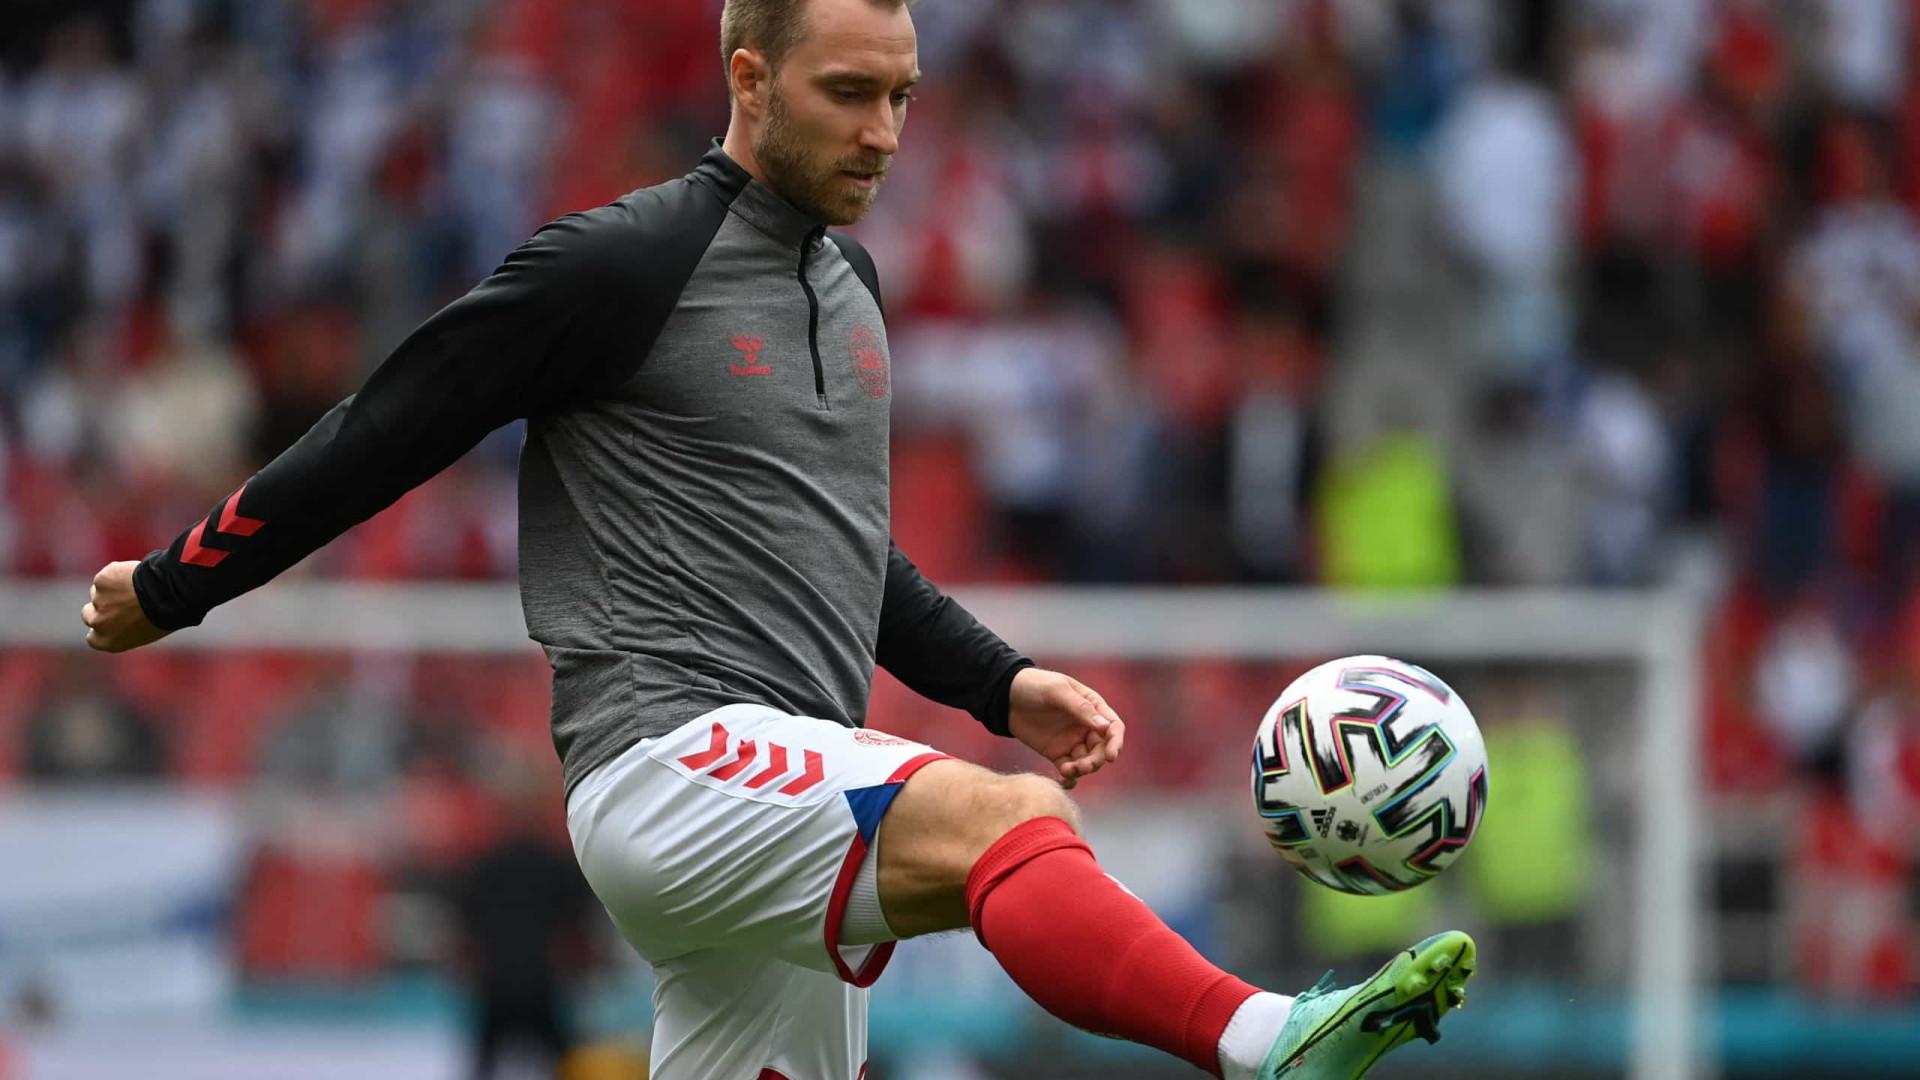 Dinamarca-Finlândia: UEFA entrega prémio de melhor em campo a Eriksen